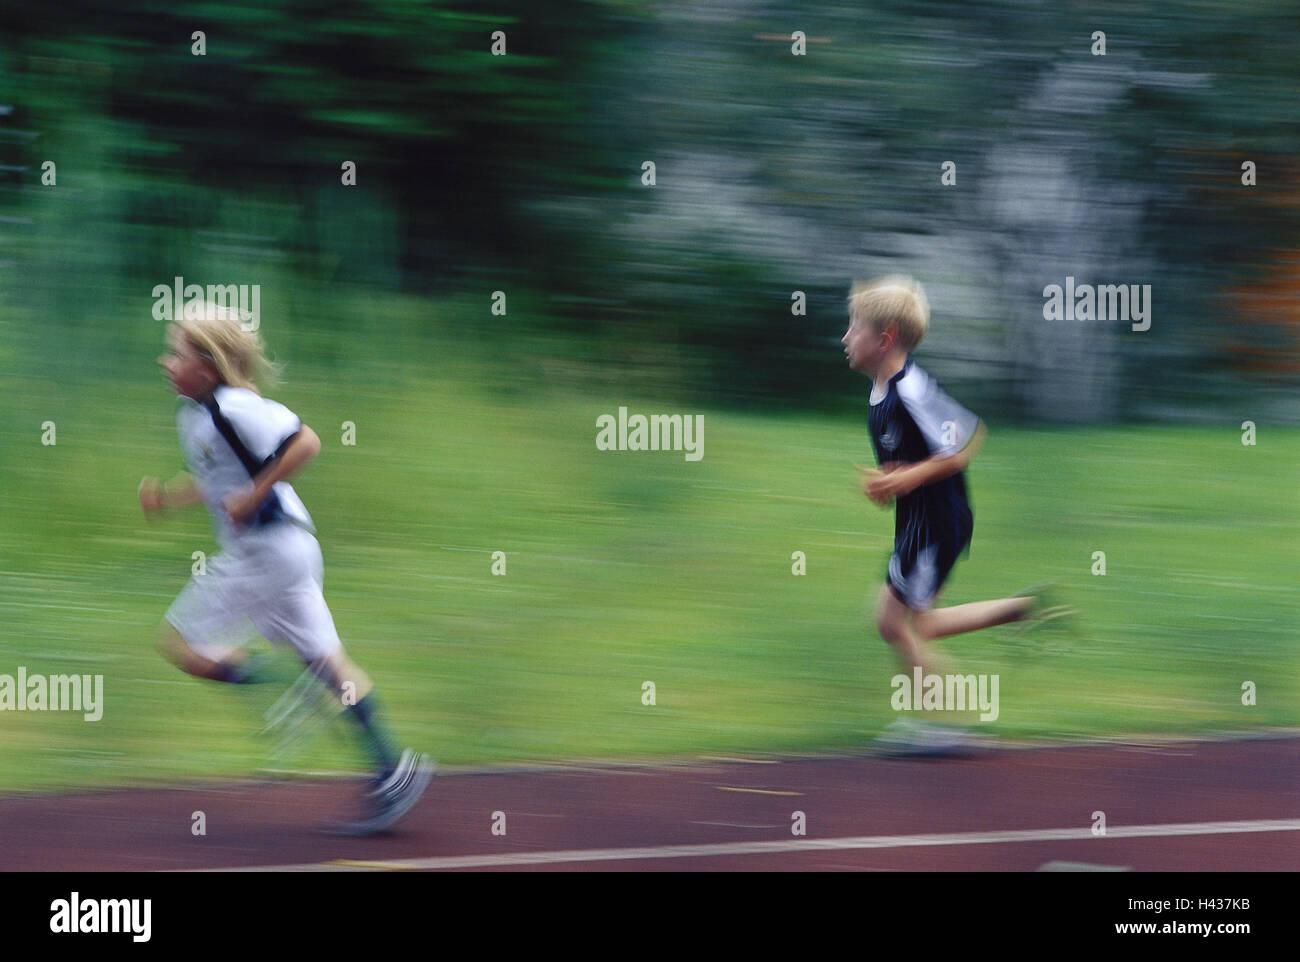 Campo de Deportes, Boy, Run, vista lateral, Blur, ningún modelo de liberación, persona, niños, colegiales, Imagen De Stock